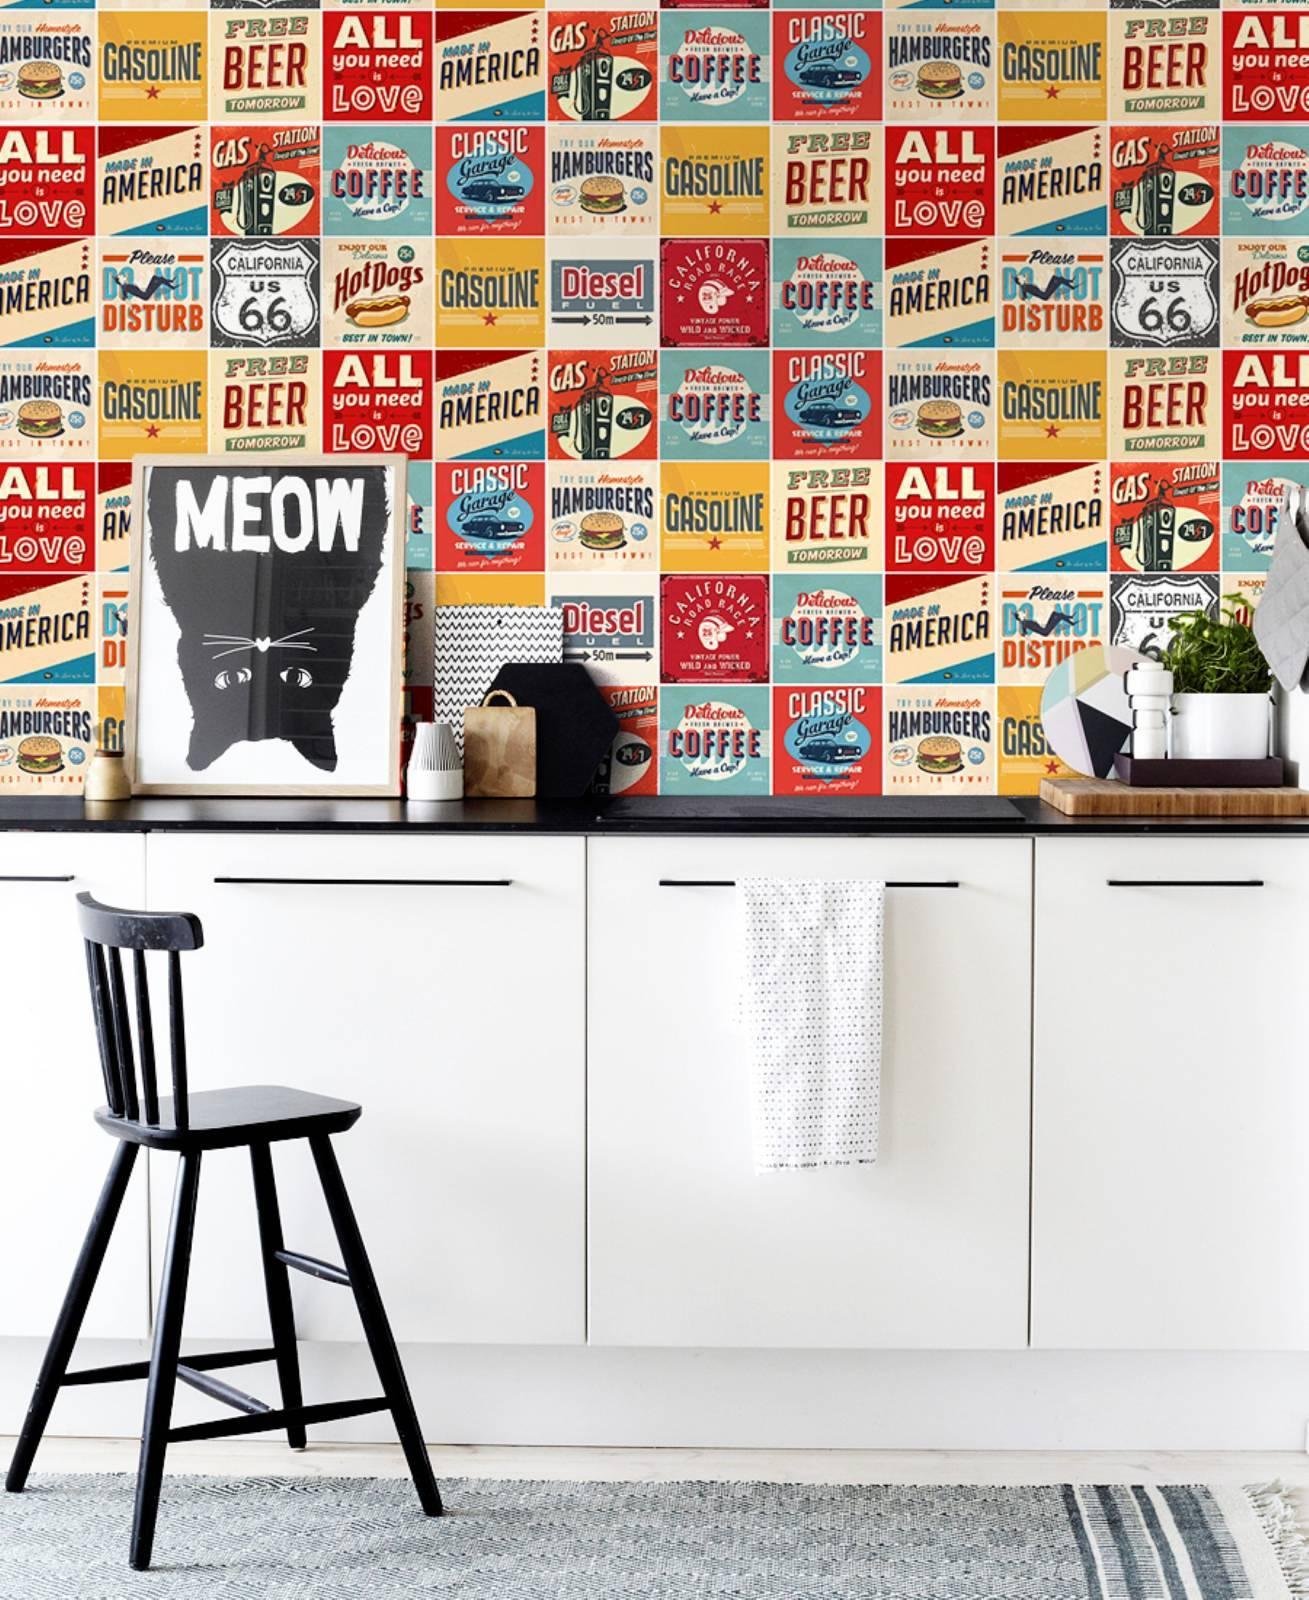 Redecorei > Adesivo de Azulejo > Cozinha / Banheiro #AC241F 1309x1600 Banheiro Com Azulejo Retro